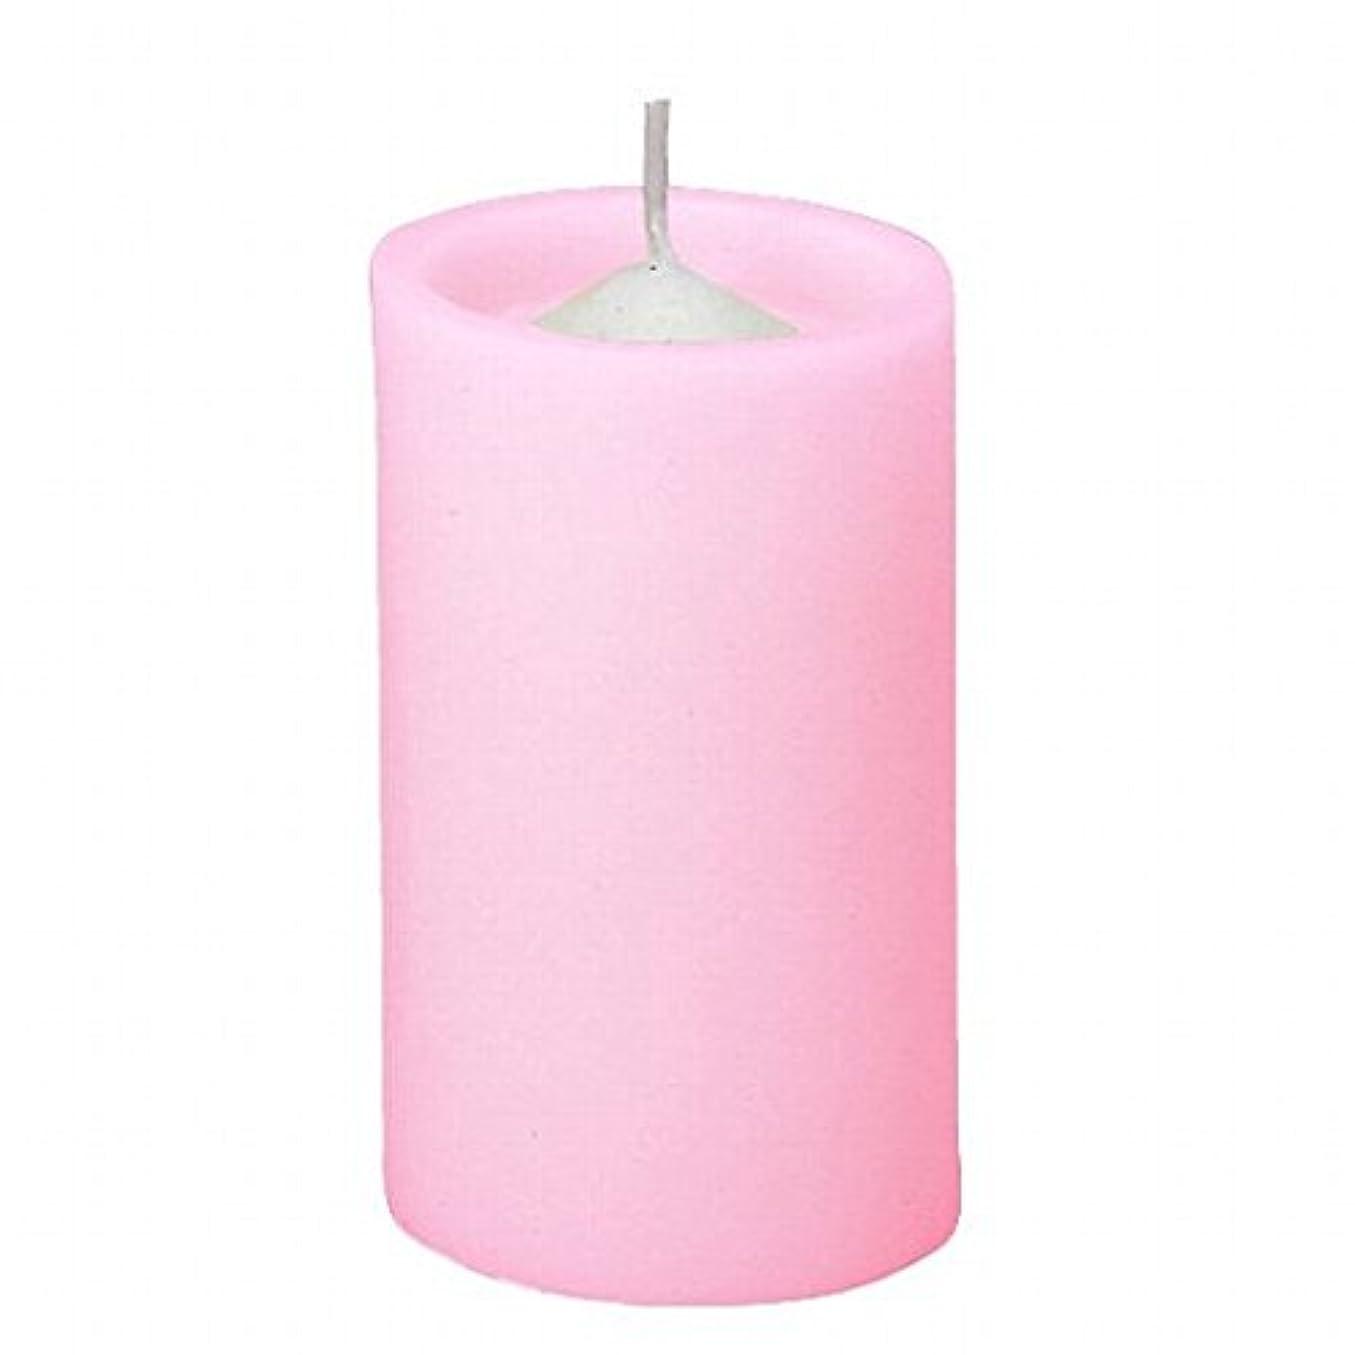 私たちのもの軽減する同時ヤンキーキャンドル(YANKEE CANDLE) ロイヤルラウンド 50 「 ピンク 」